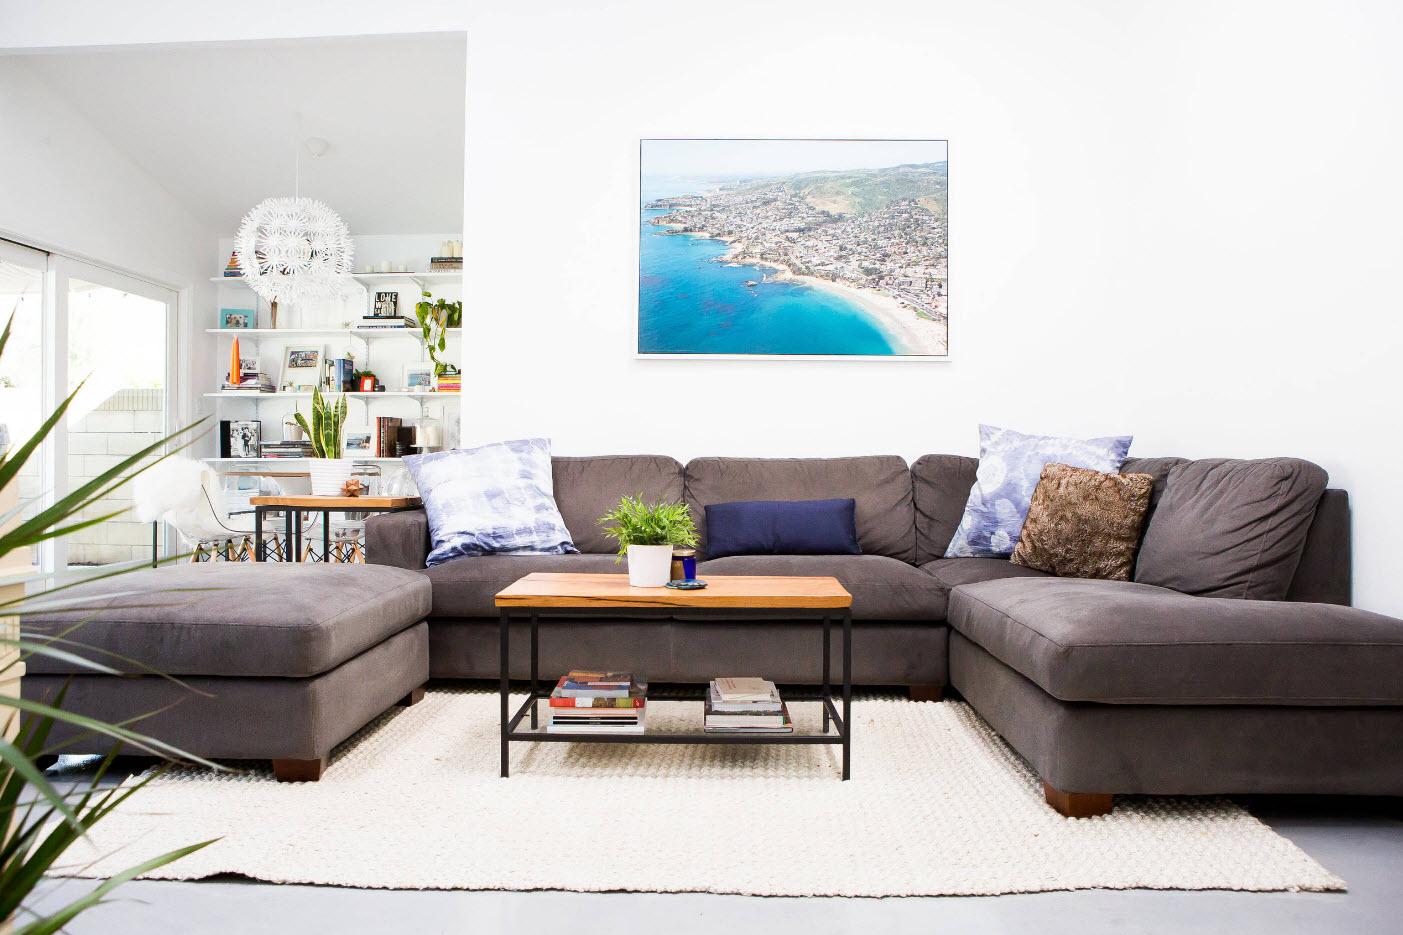 інтер'єр залу в квартирі фото